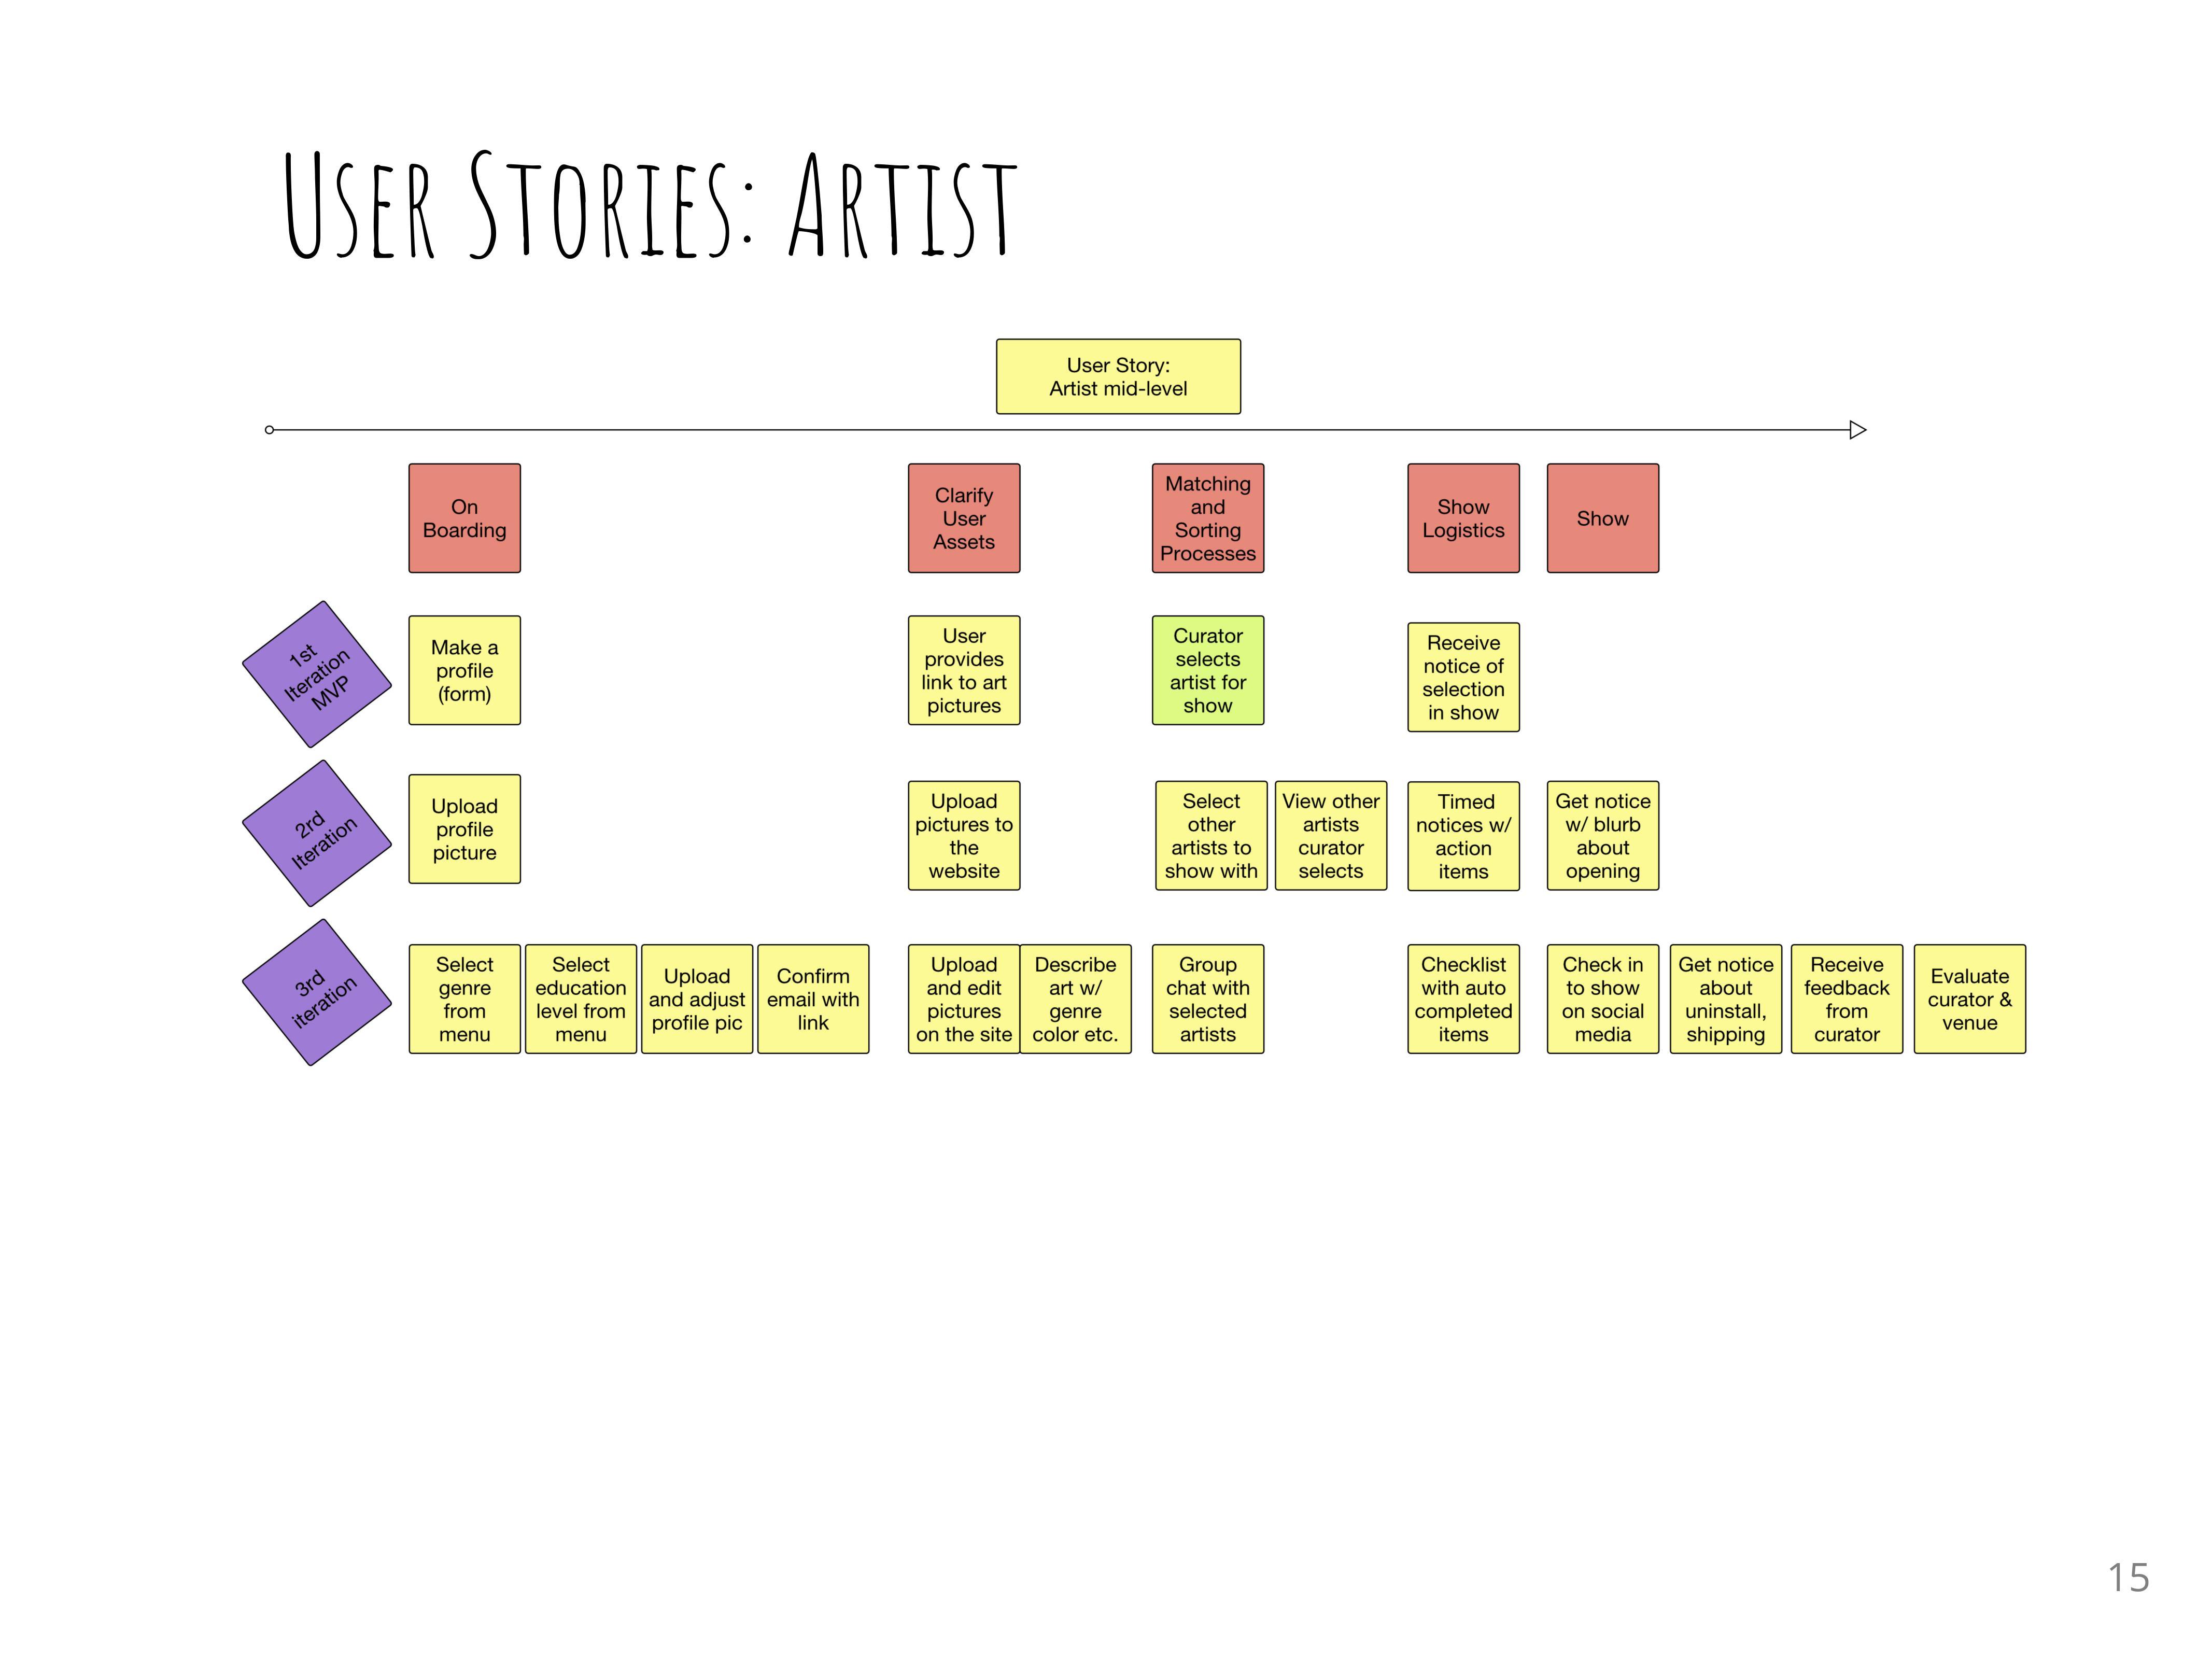 User story for Artist AW